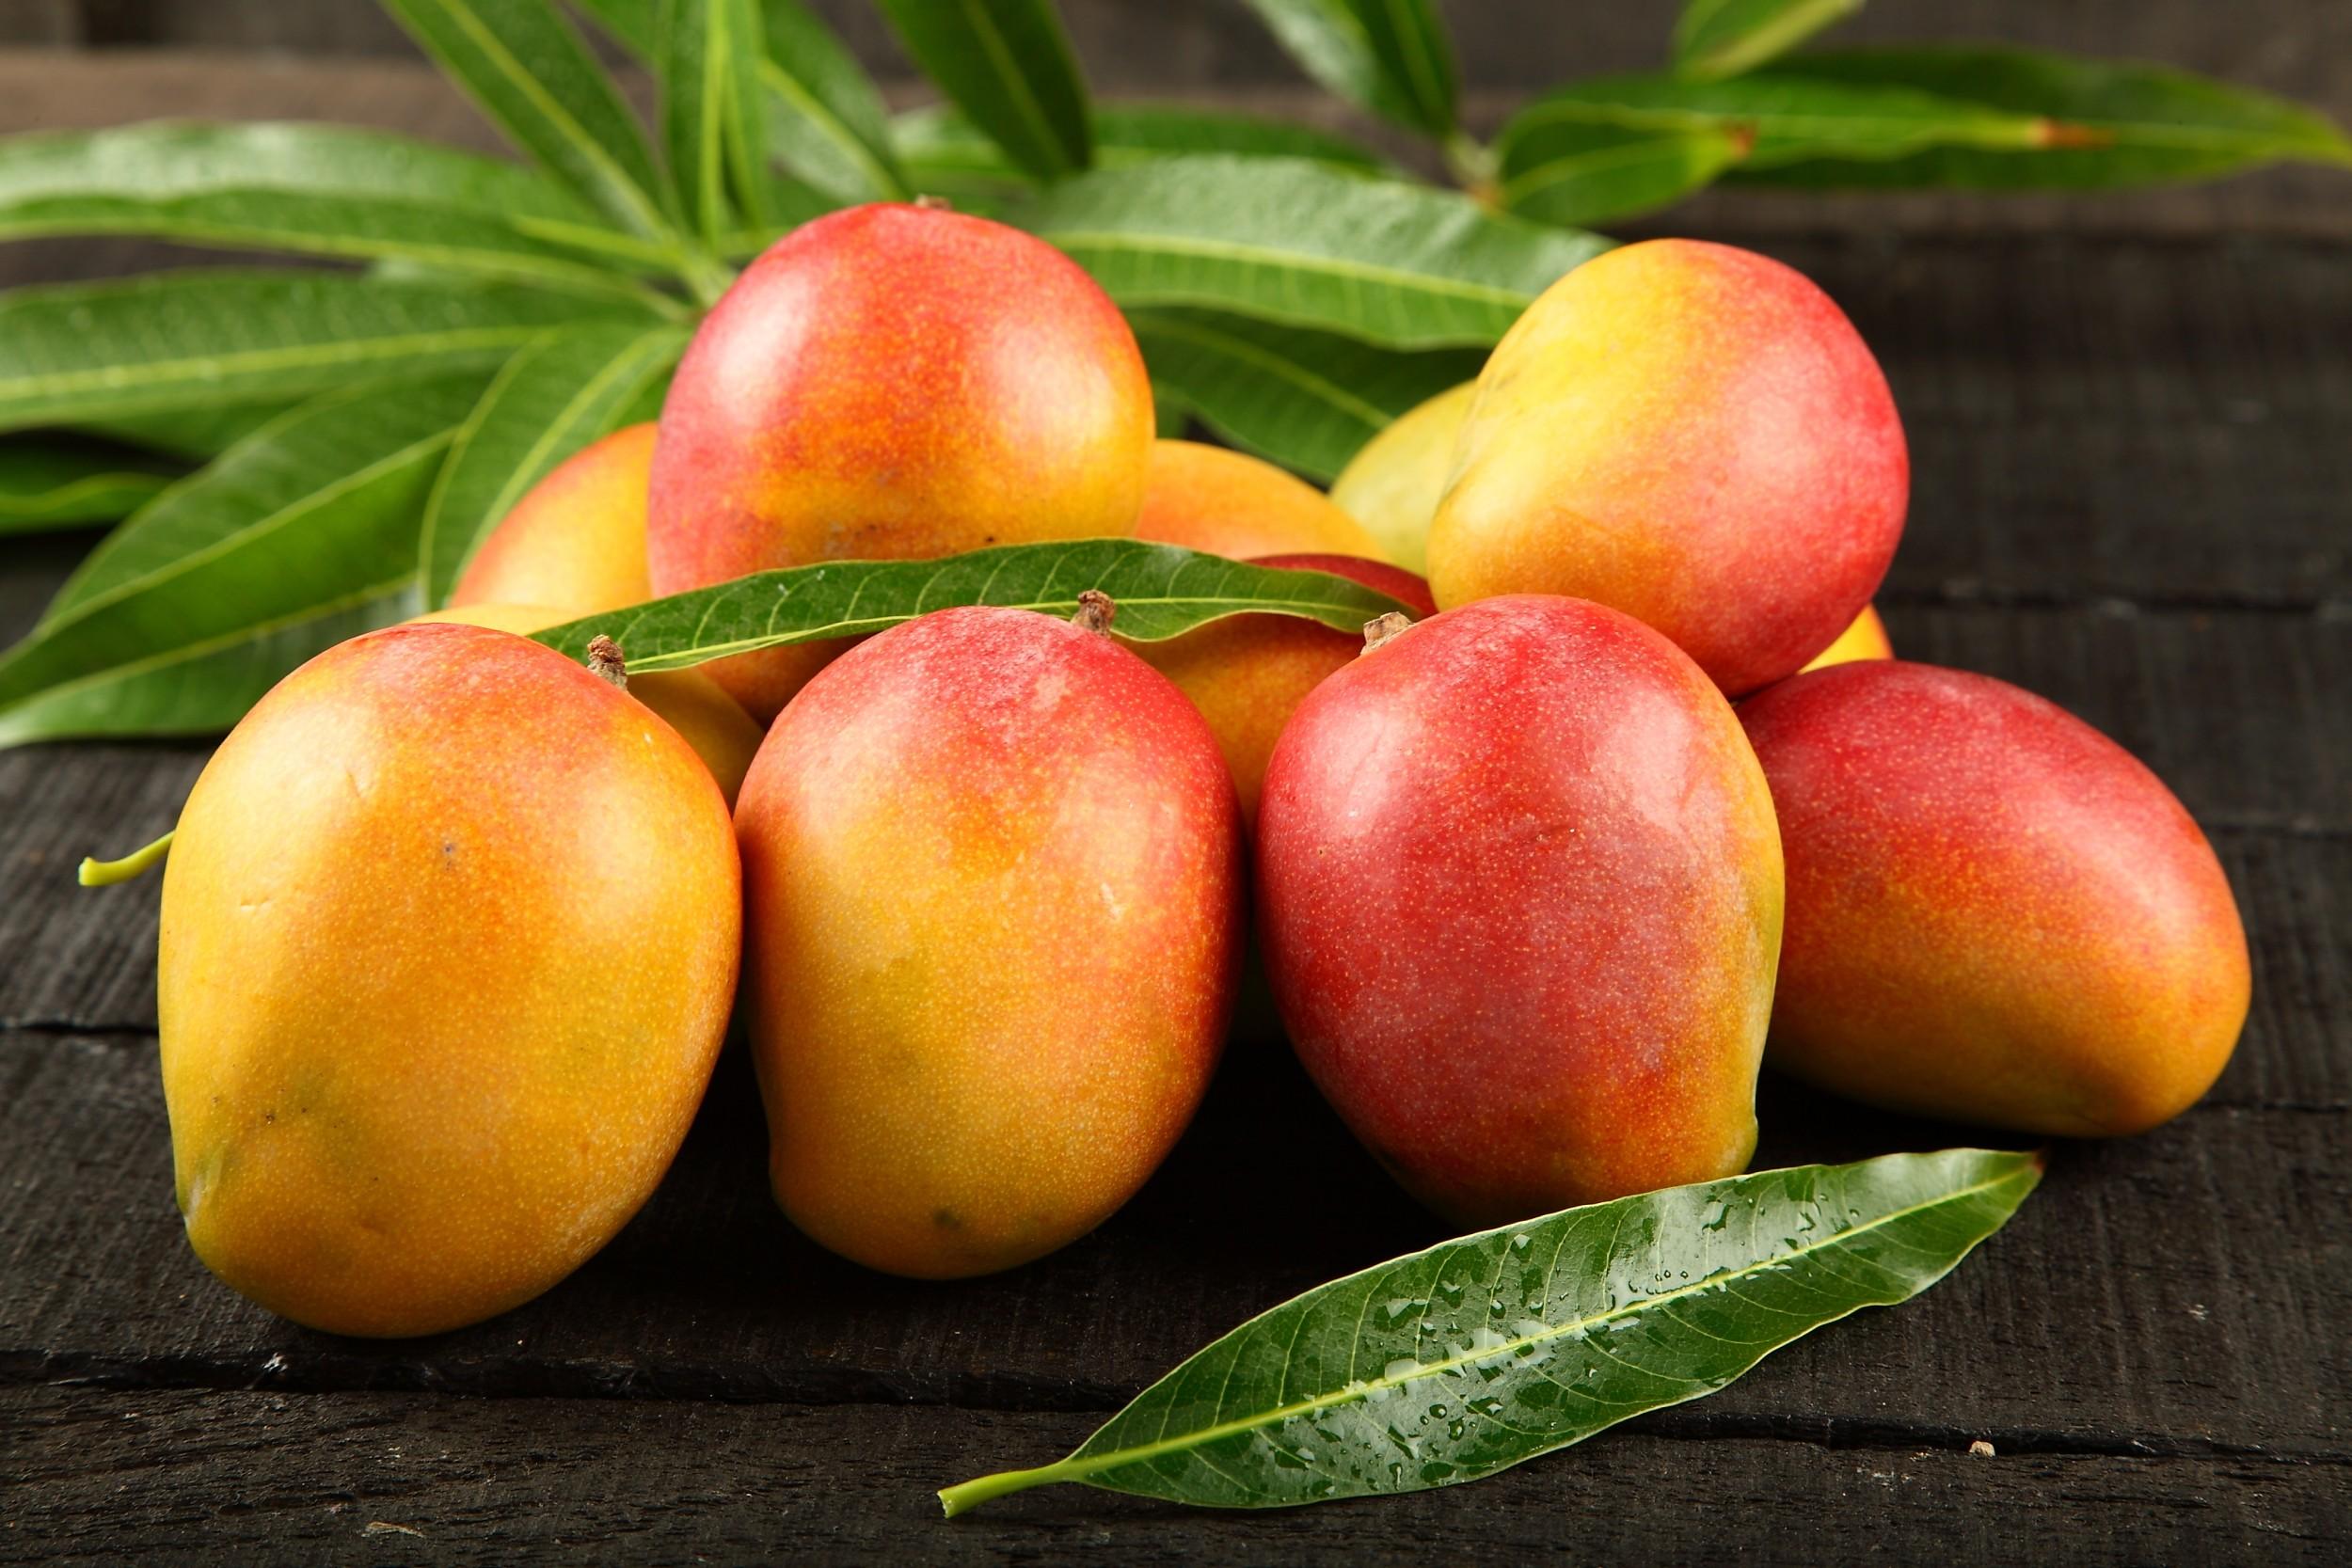 Manga - Nutrientes e Benefícios da Fruta - InfoEscola